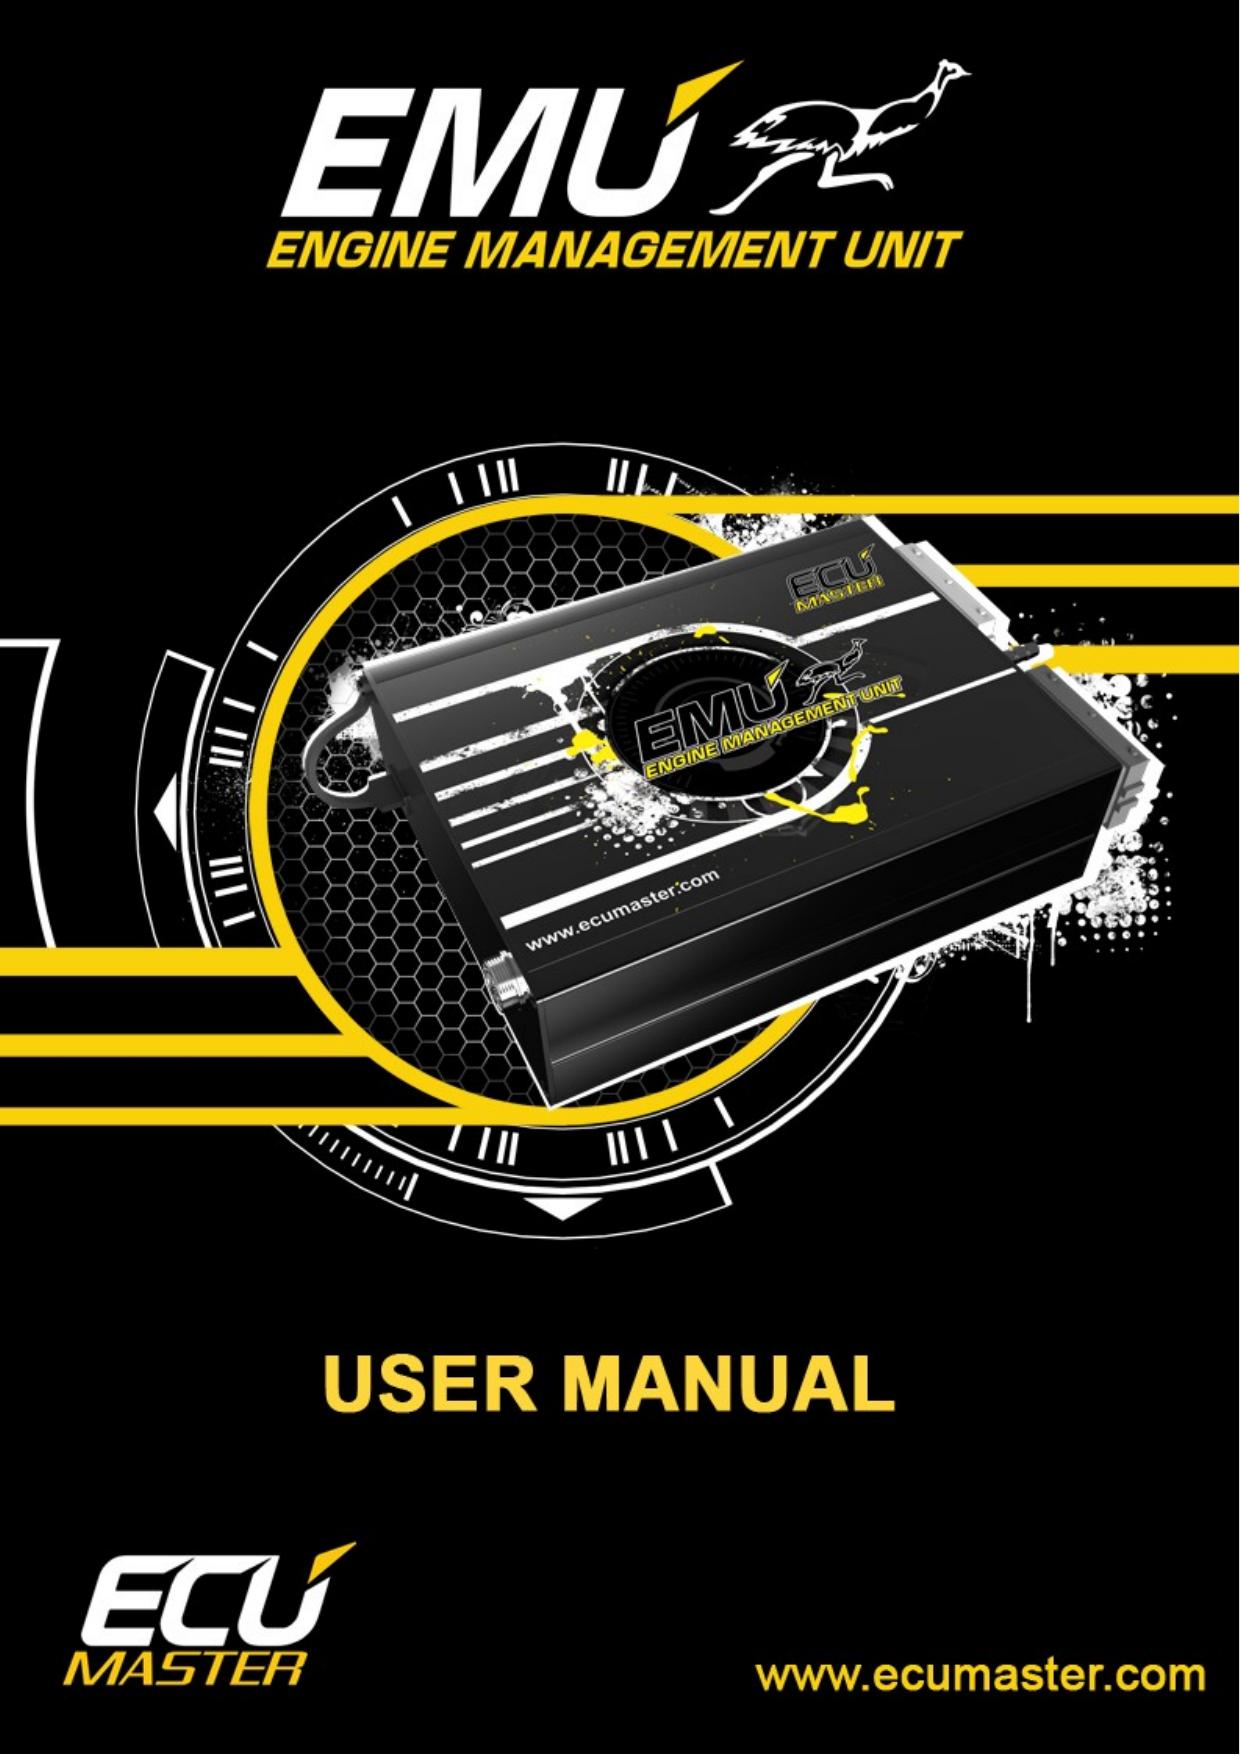 The Ecumaster Emu User Manual  | manualzz com